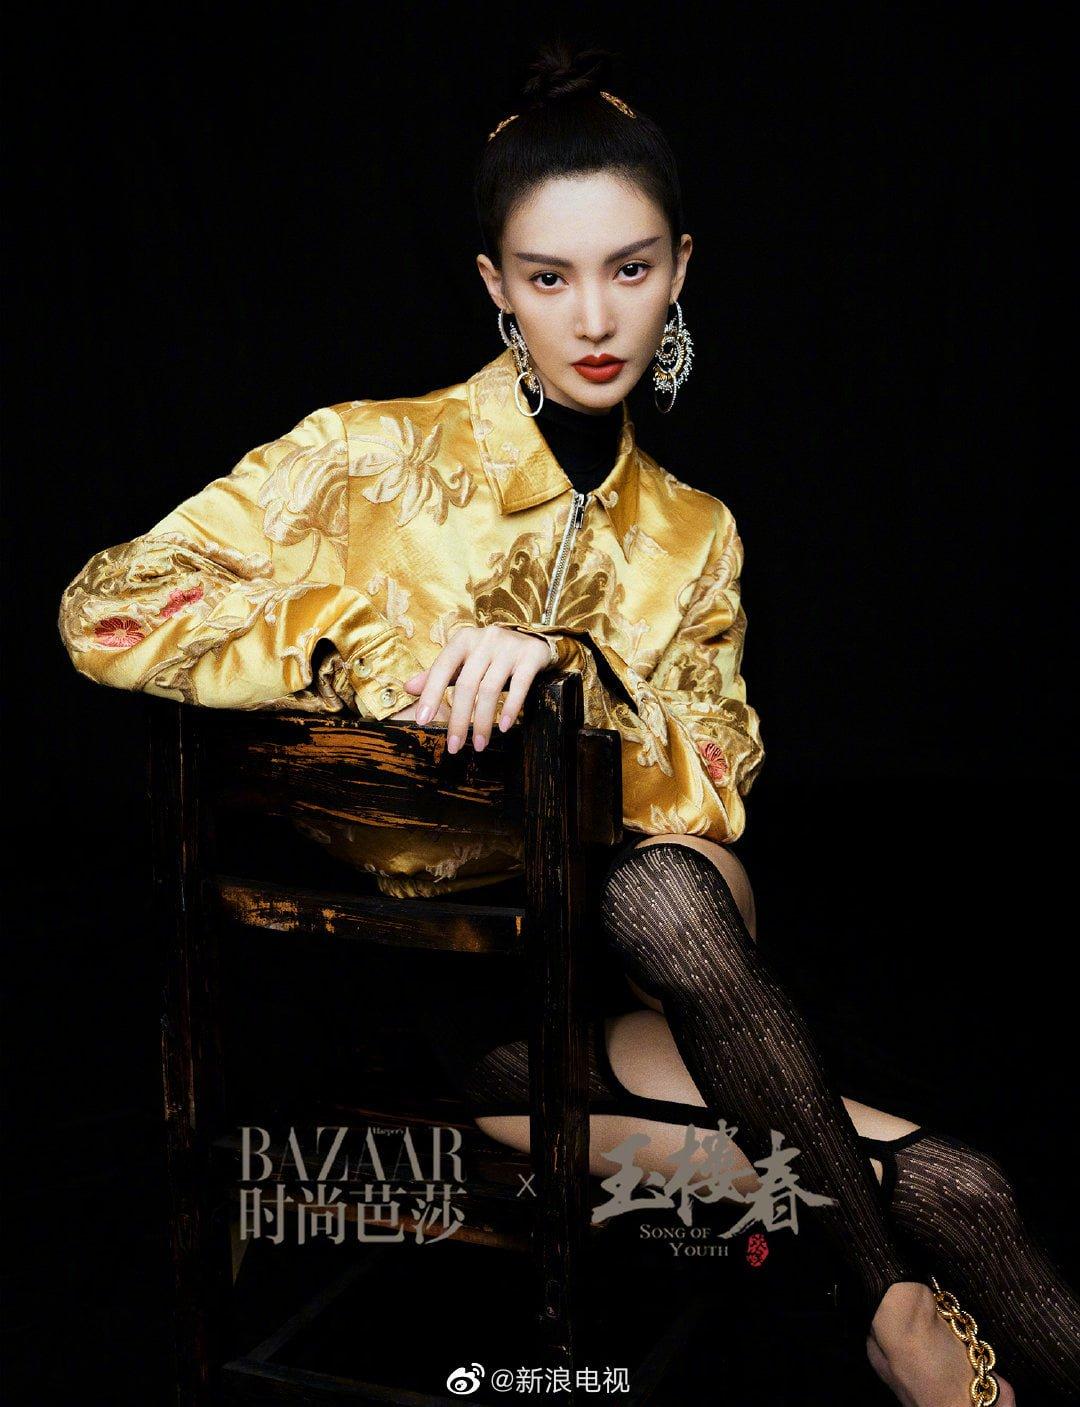 Dàn mỹ nhân Ngọc Lâu Xuân đại chiến tạp chí Bazaar 7